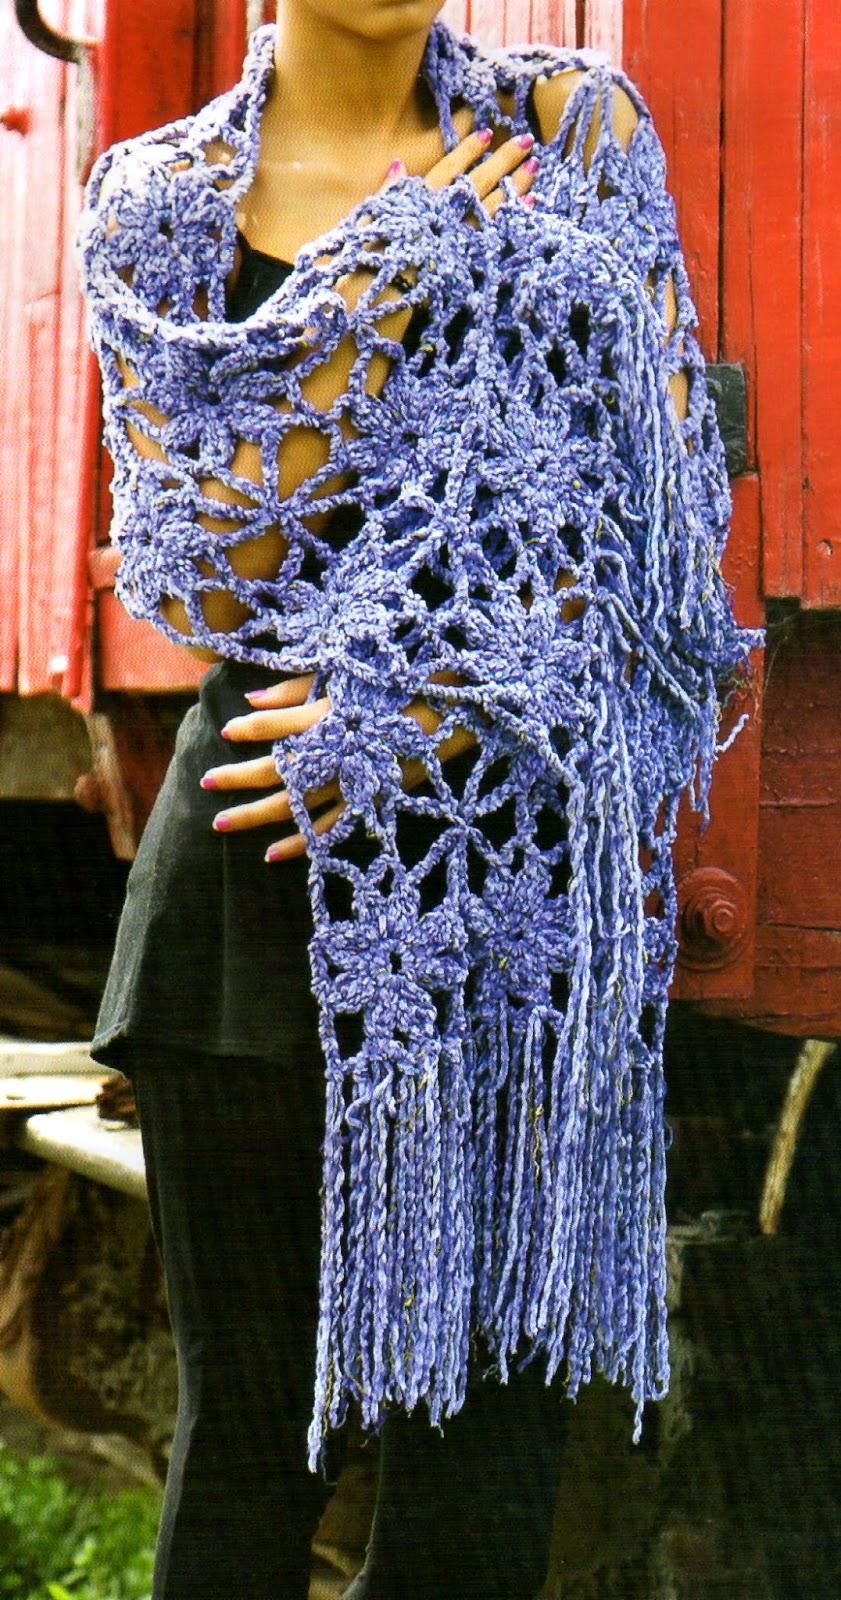 tejidos artesanales en crochet: chal de sutil calado tejido en crochet